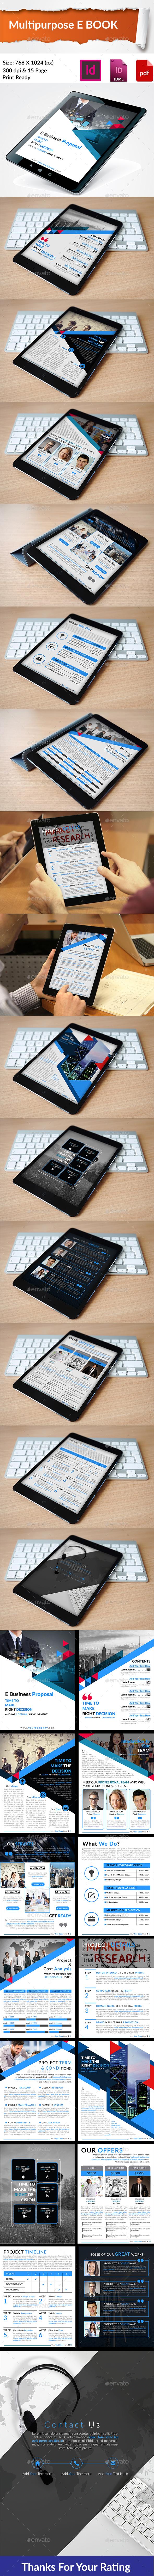 Multipurpose E Book - Digital Magazines ePublishing